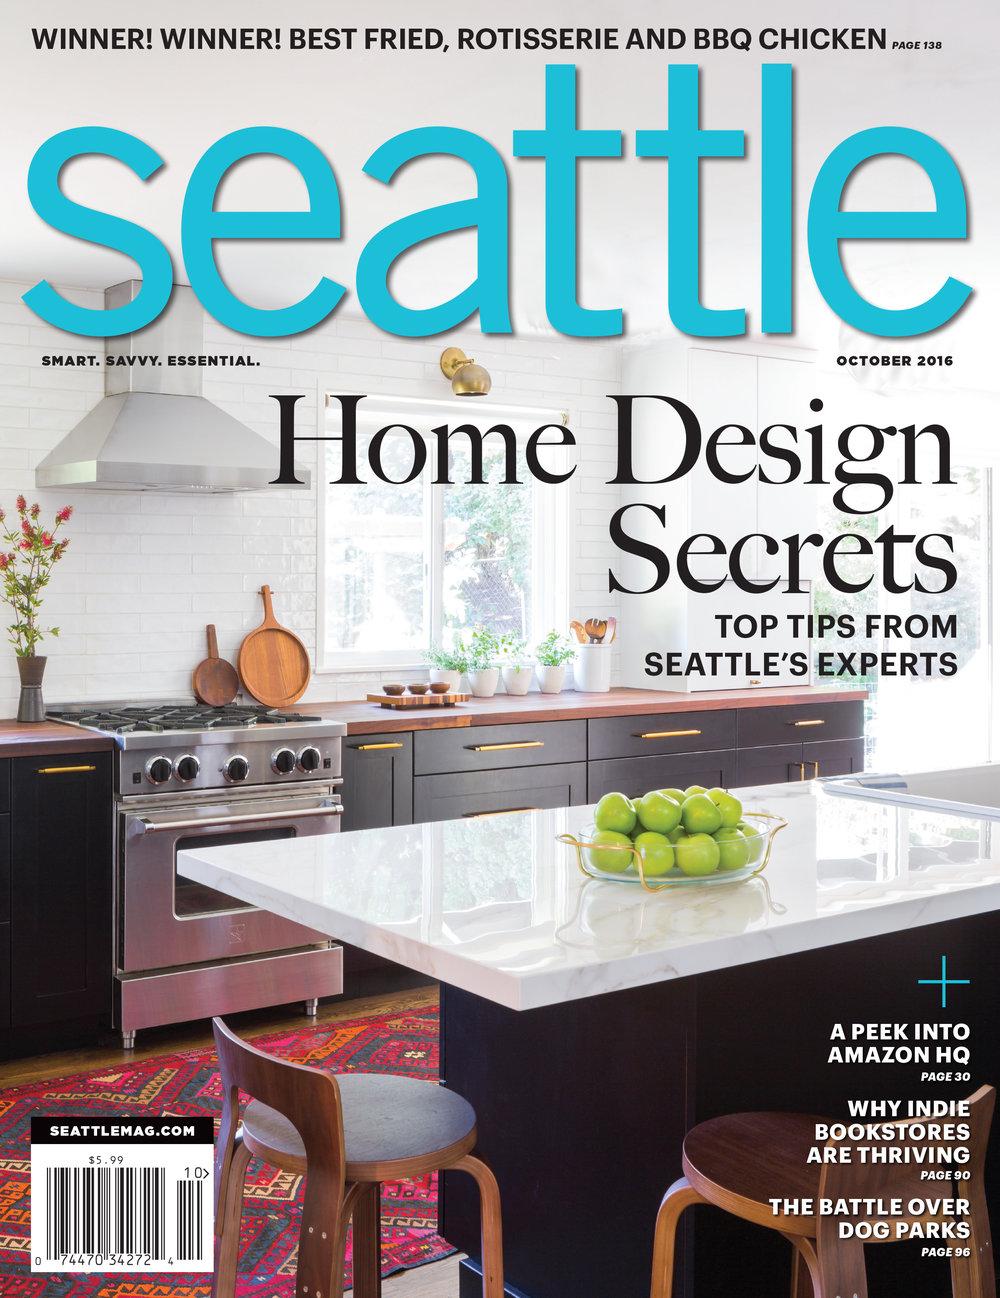 2016_10_SEATTLE mag 1.jpg